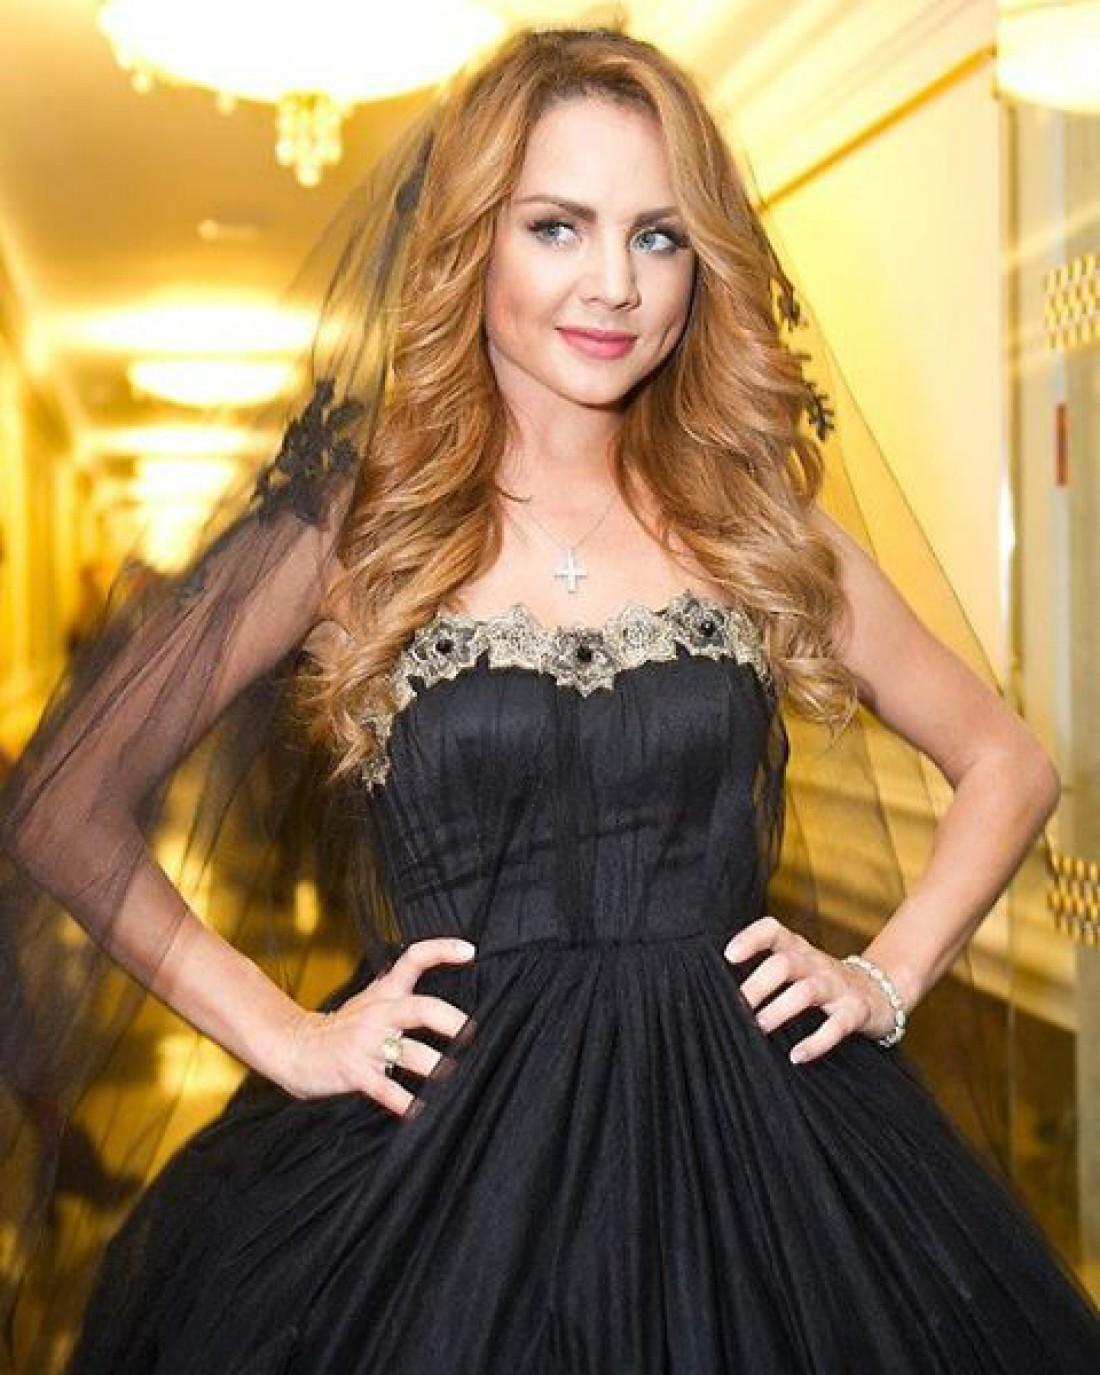 Певица МакSим пришла на мероприятие в черном свадебне платье